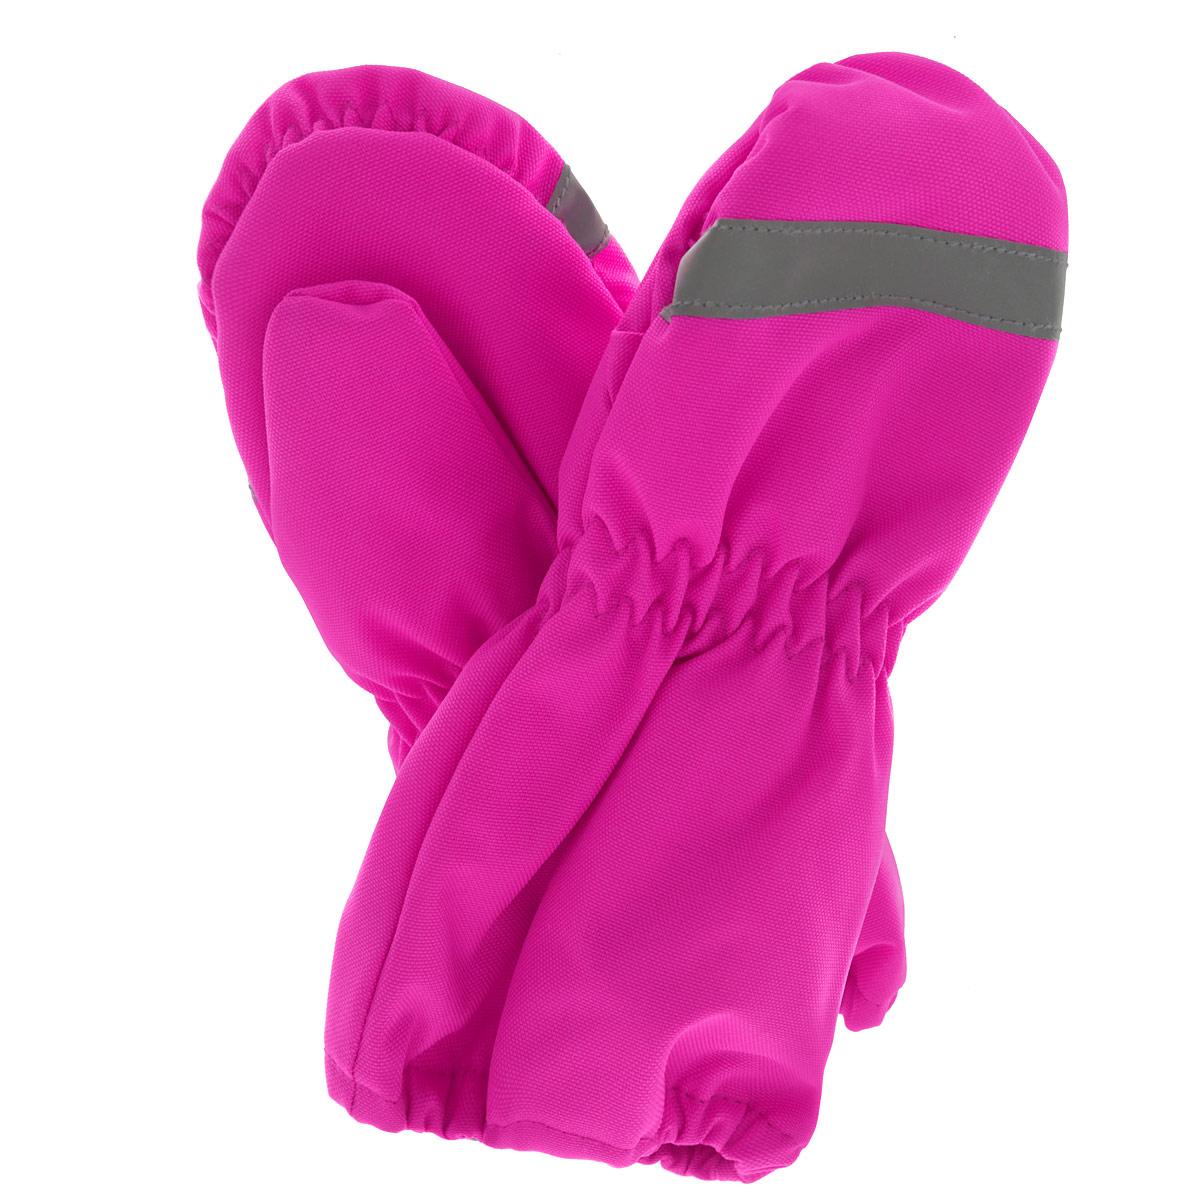 Варежки детские. 717671717671-4450Детские варежки Reima Lassie, изготовленные из мембранной ткани с водо- и ветрозащитным покрытием, станут идеальным вариантом для холодной зимней погоды. Подкладка выполнена из мягкого, приятного на ощупь материала, который хорошо удерживает тепло. Для большего удобства на запястьях варежки дополнены эластичными резинками, предотвращающими попадание снега. С внешней стороны варежки оформлены светоотражающей полоской.